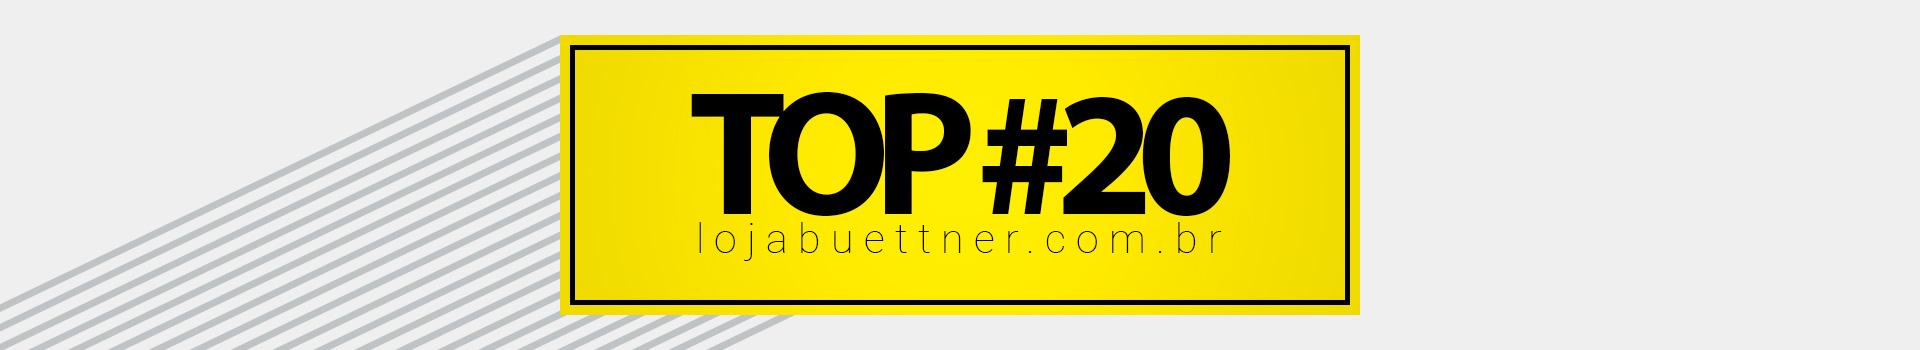 Banner Top 20